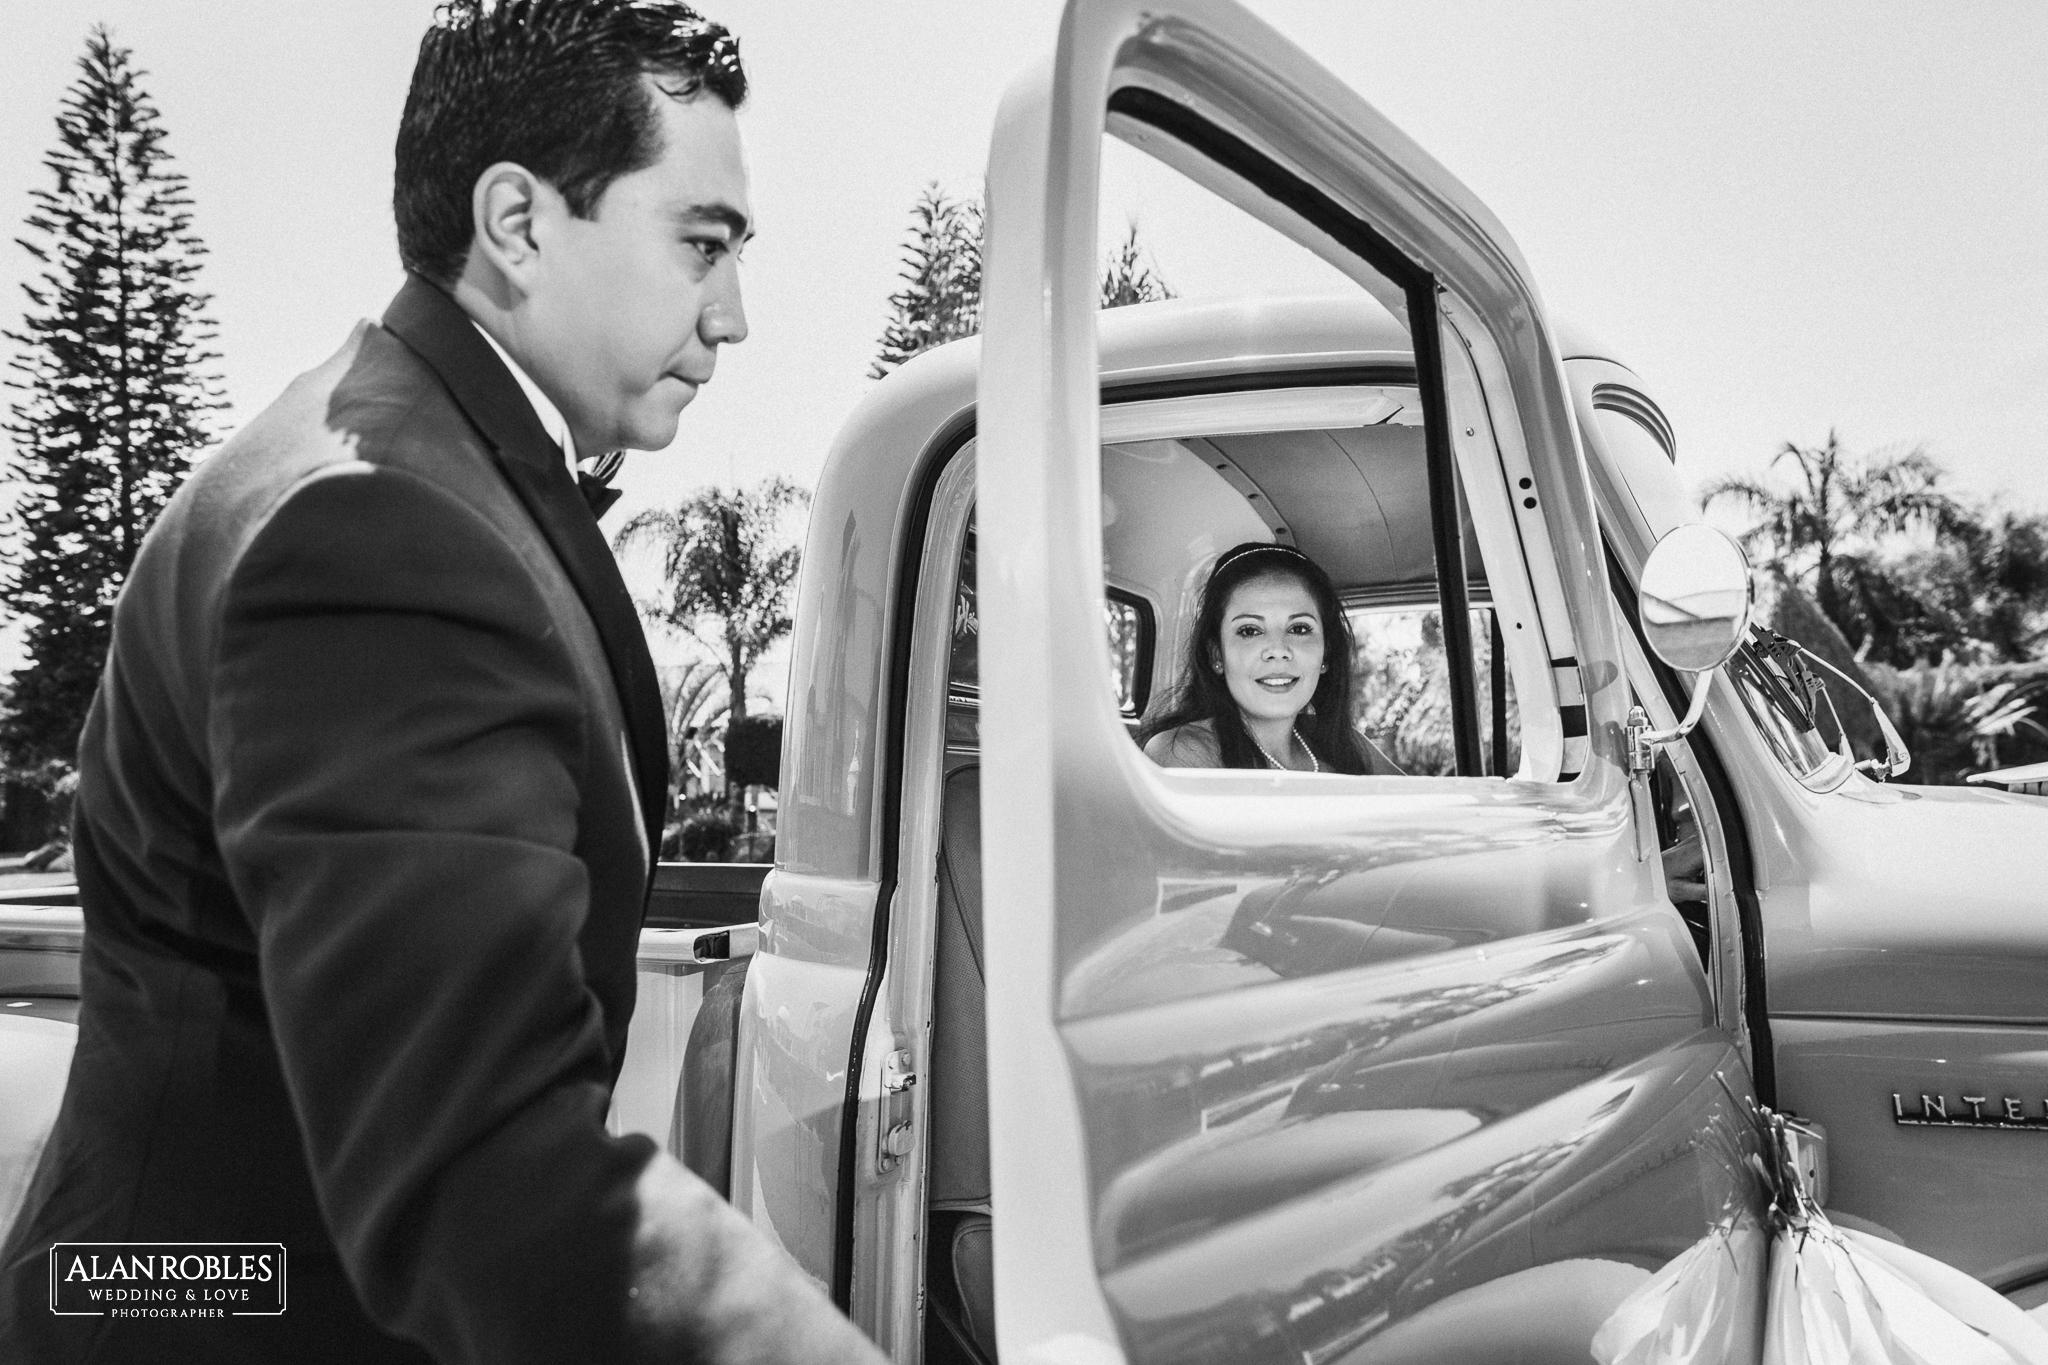 Novios el dia en el coche de bodas llegando a la recepcion de su boda en Hacienda Los Pozos. Fotografo de bodas Alan Robles en Guadalajara.